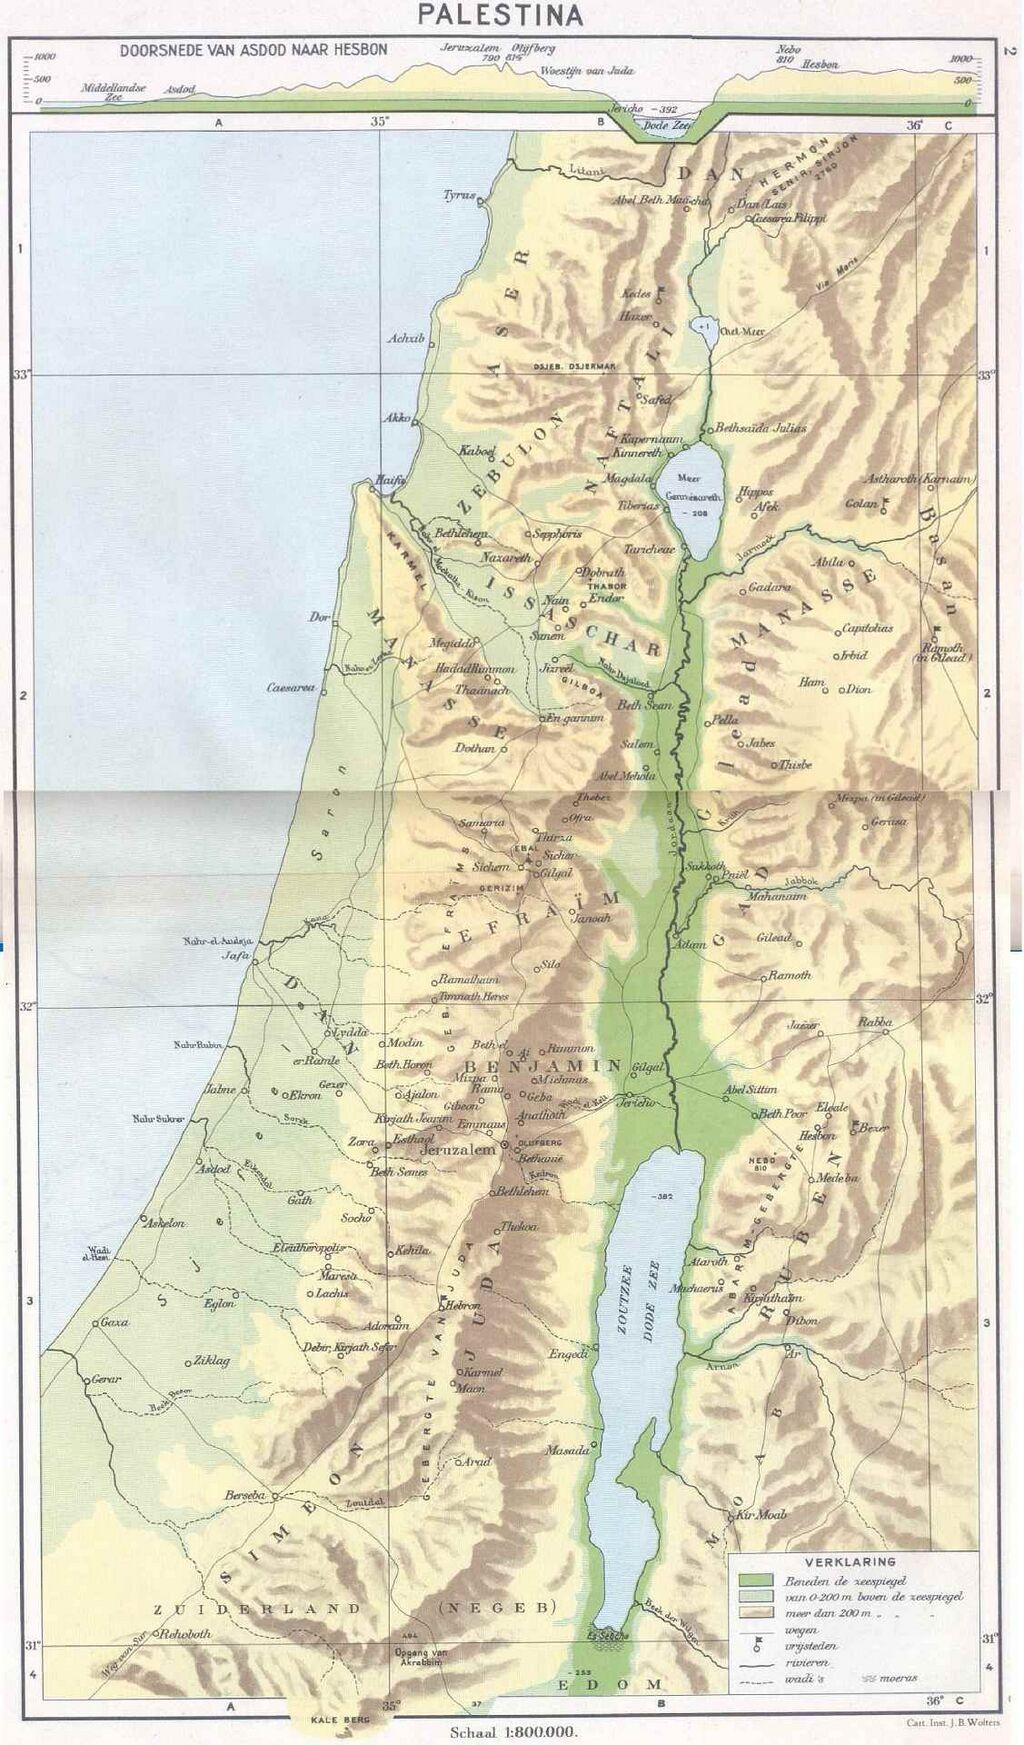 Israël - Wolters.jpg